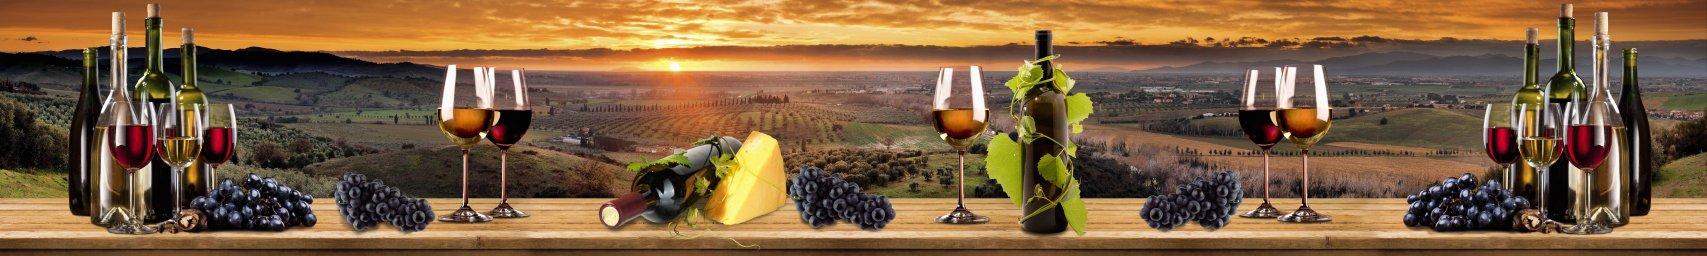 wine-099